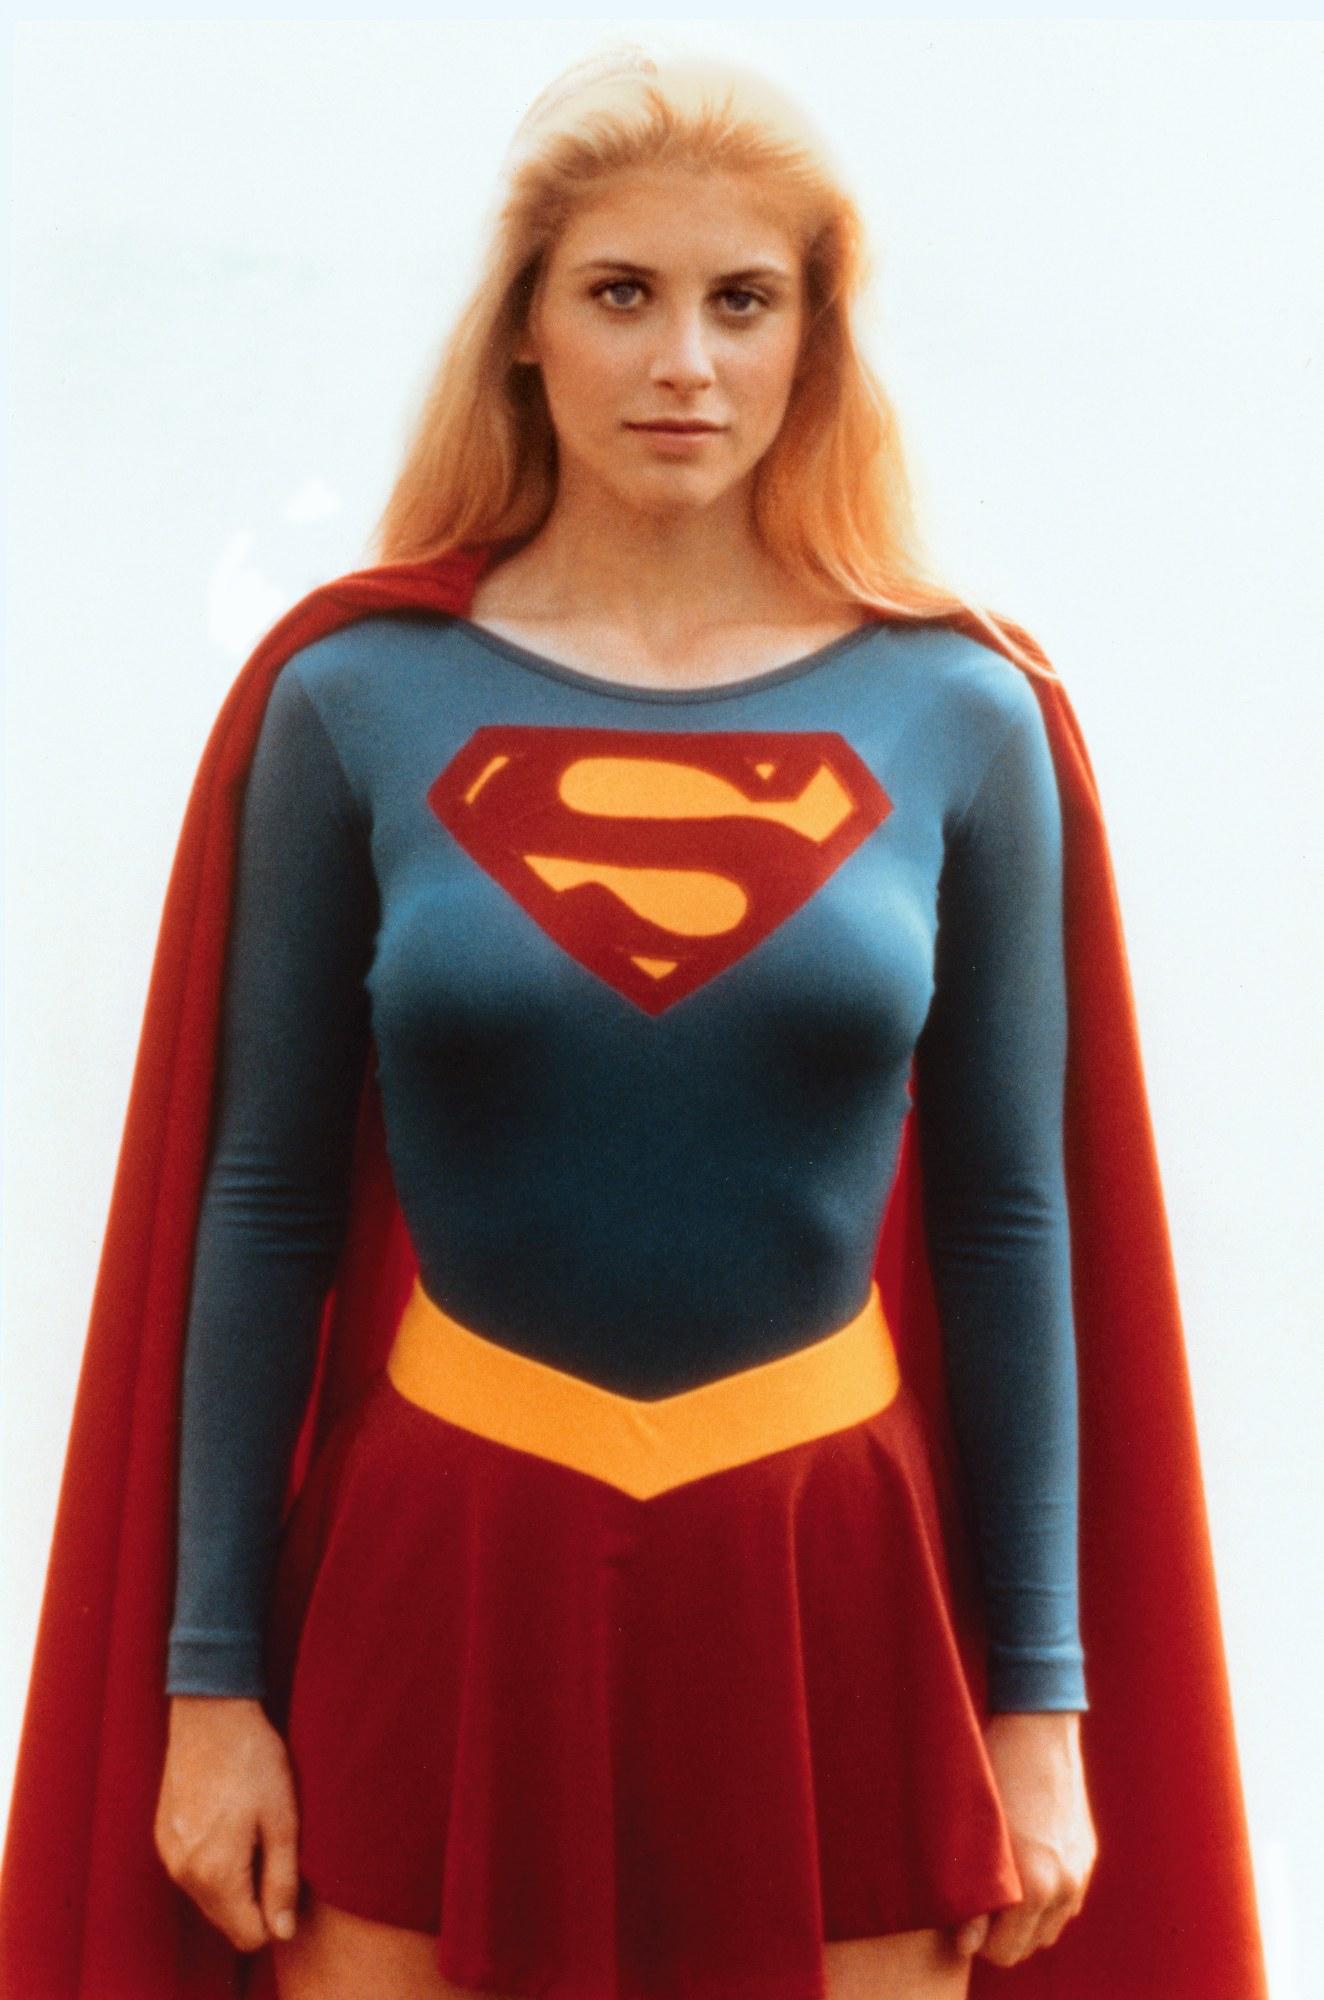 Helen_Slater_as_Supergirl_3